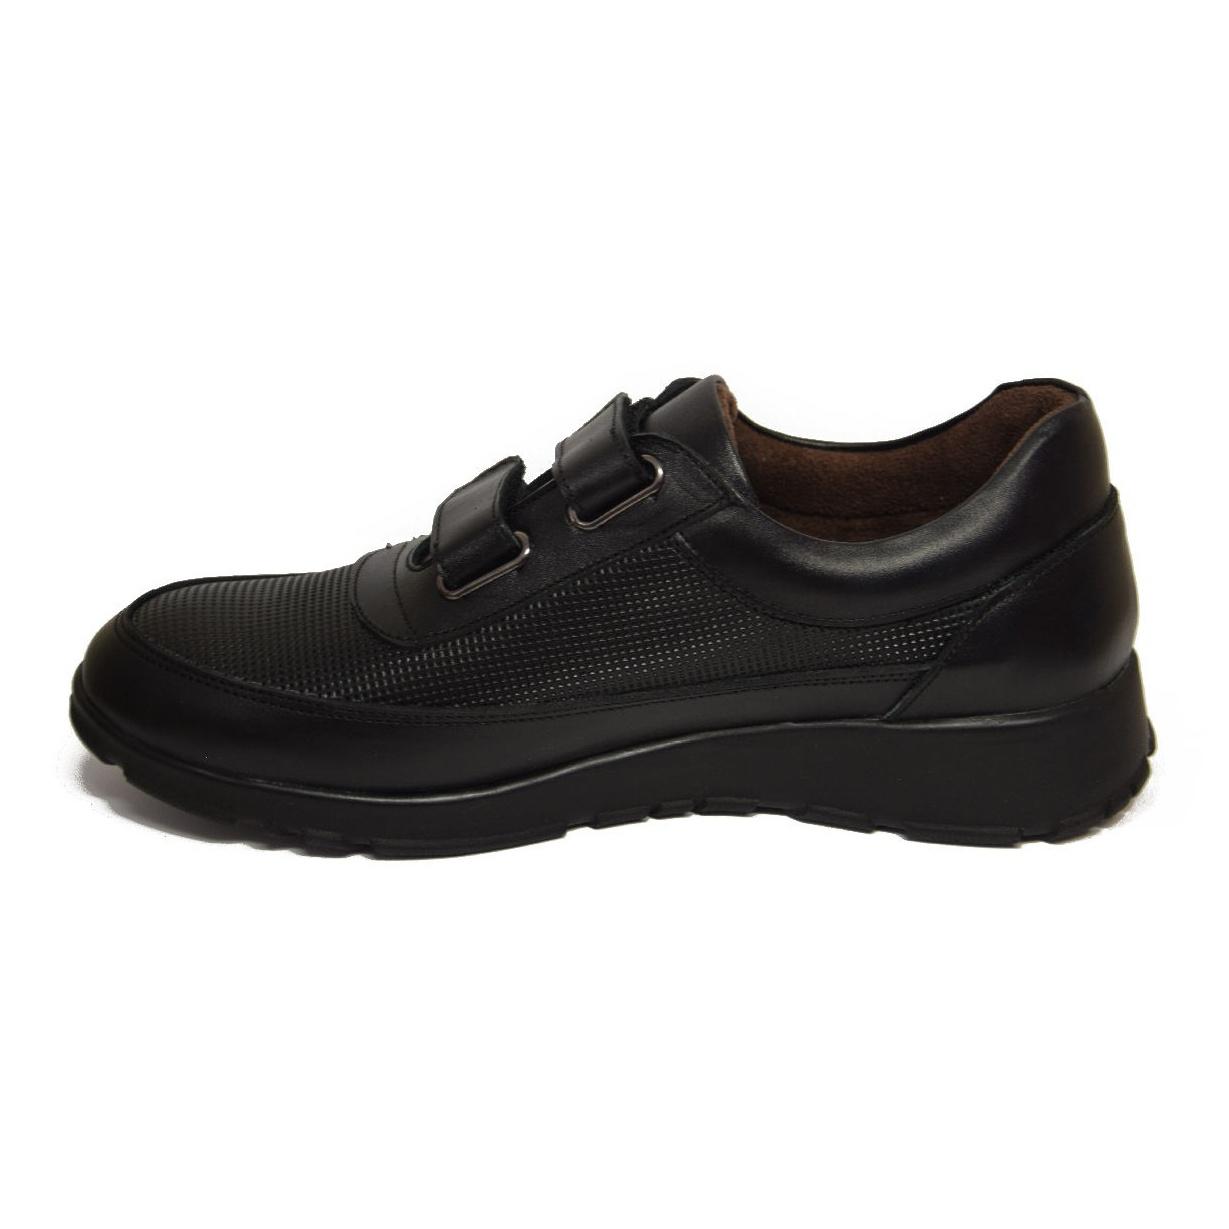 کفش مخصوص پیاده روی زنانه اطلس چرم تبریز مدل ATL732